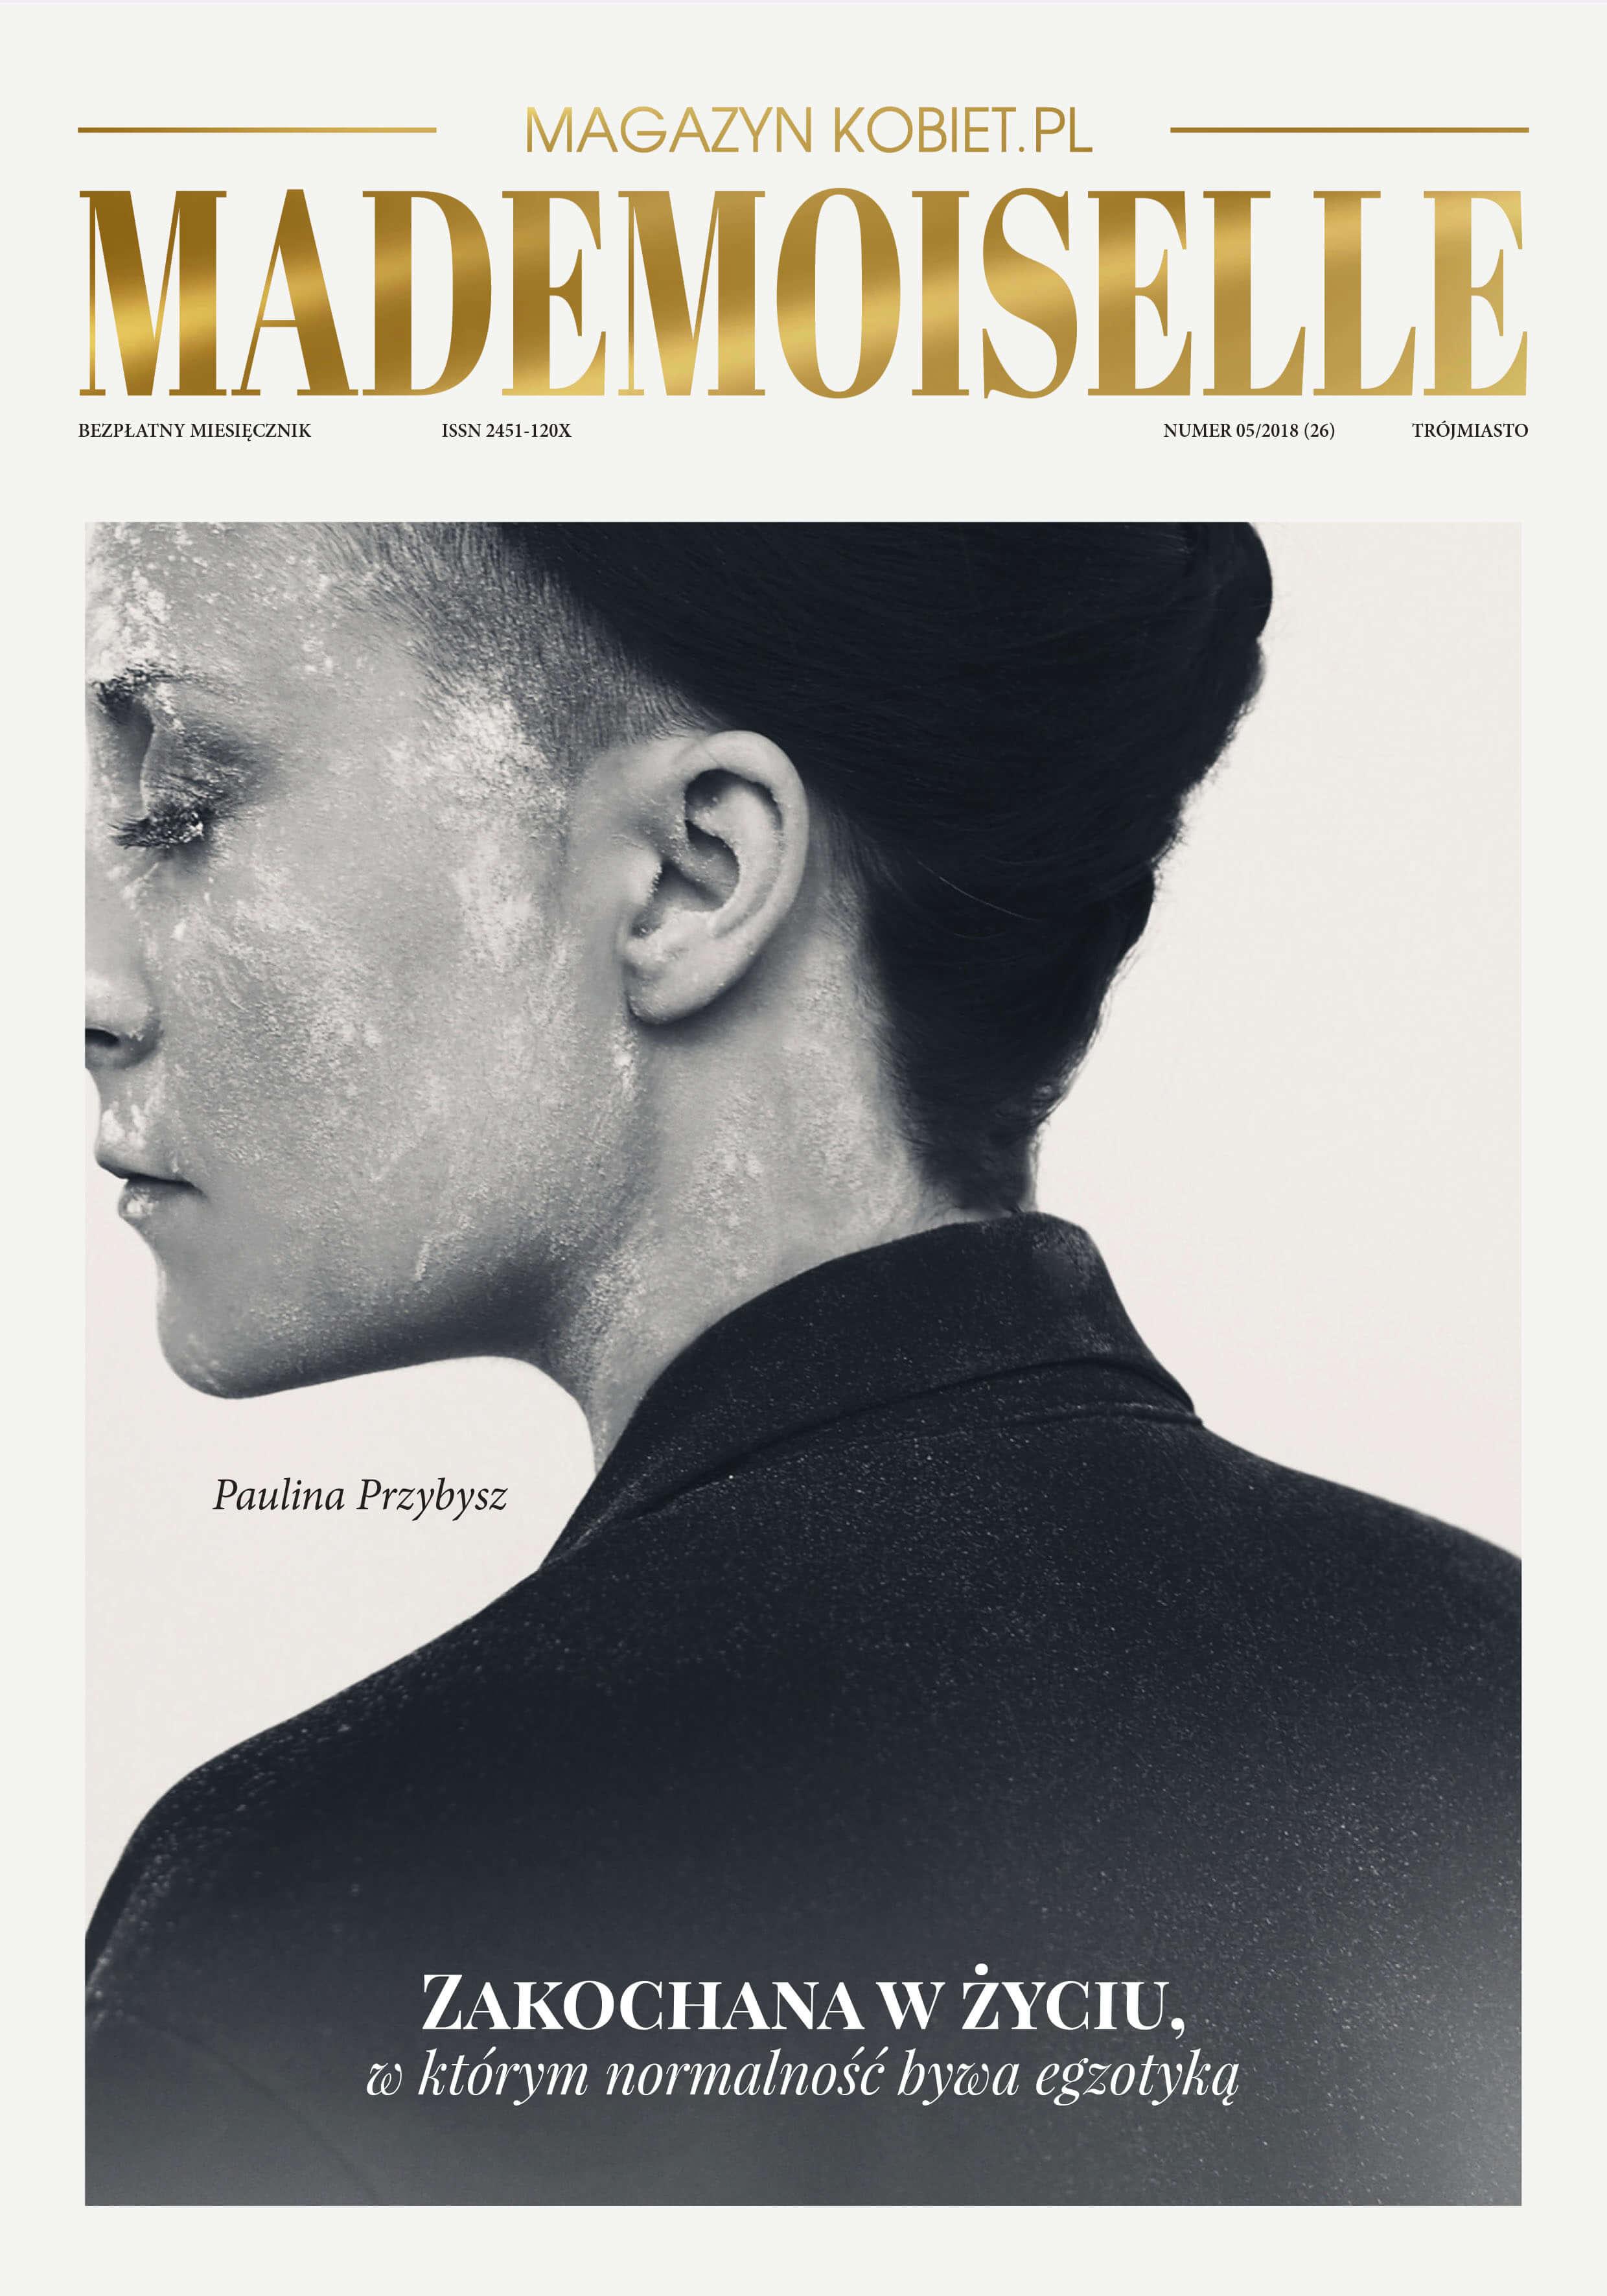 Mademoiselle maj